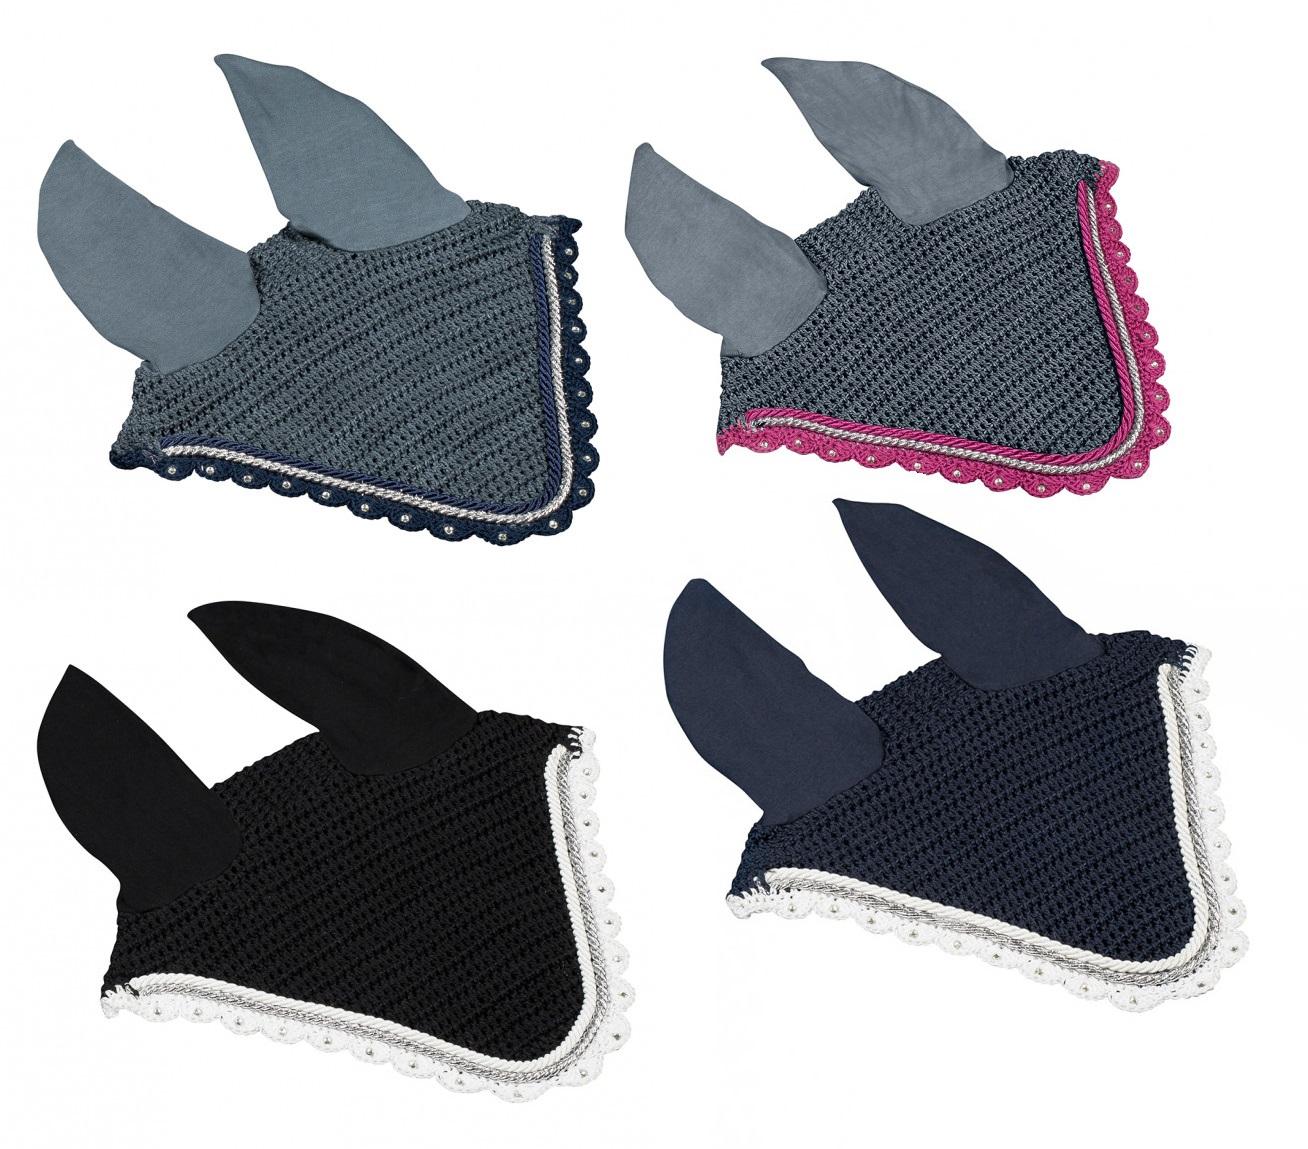 Fliegenhaube mit kontrastfarbene Zierkordeln - Qualität von PFIFF